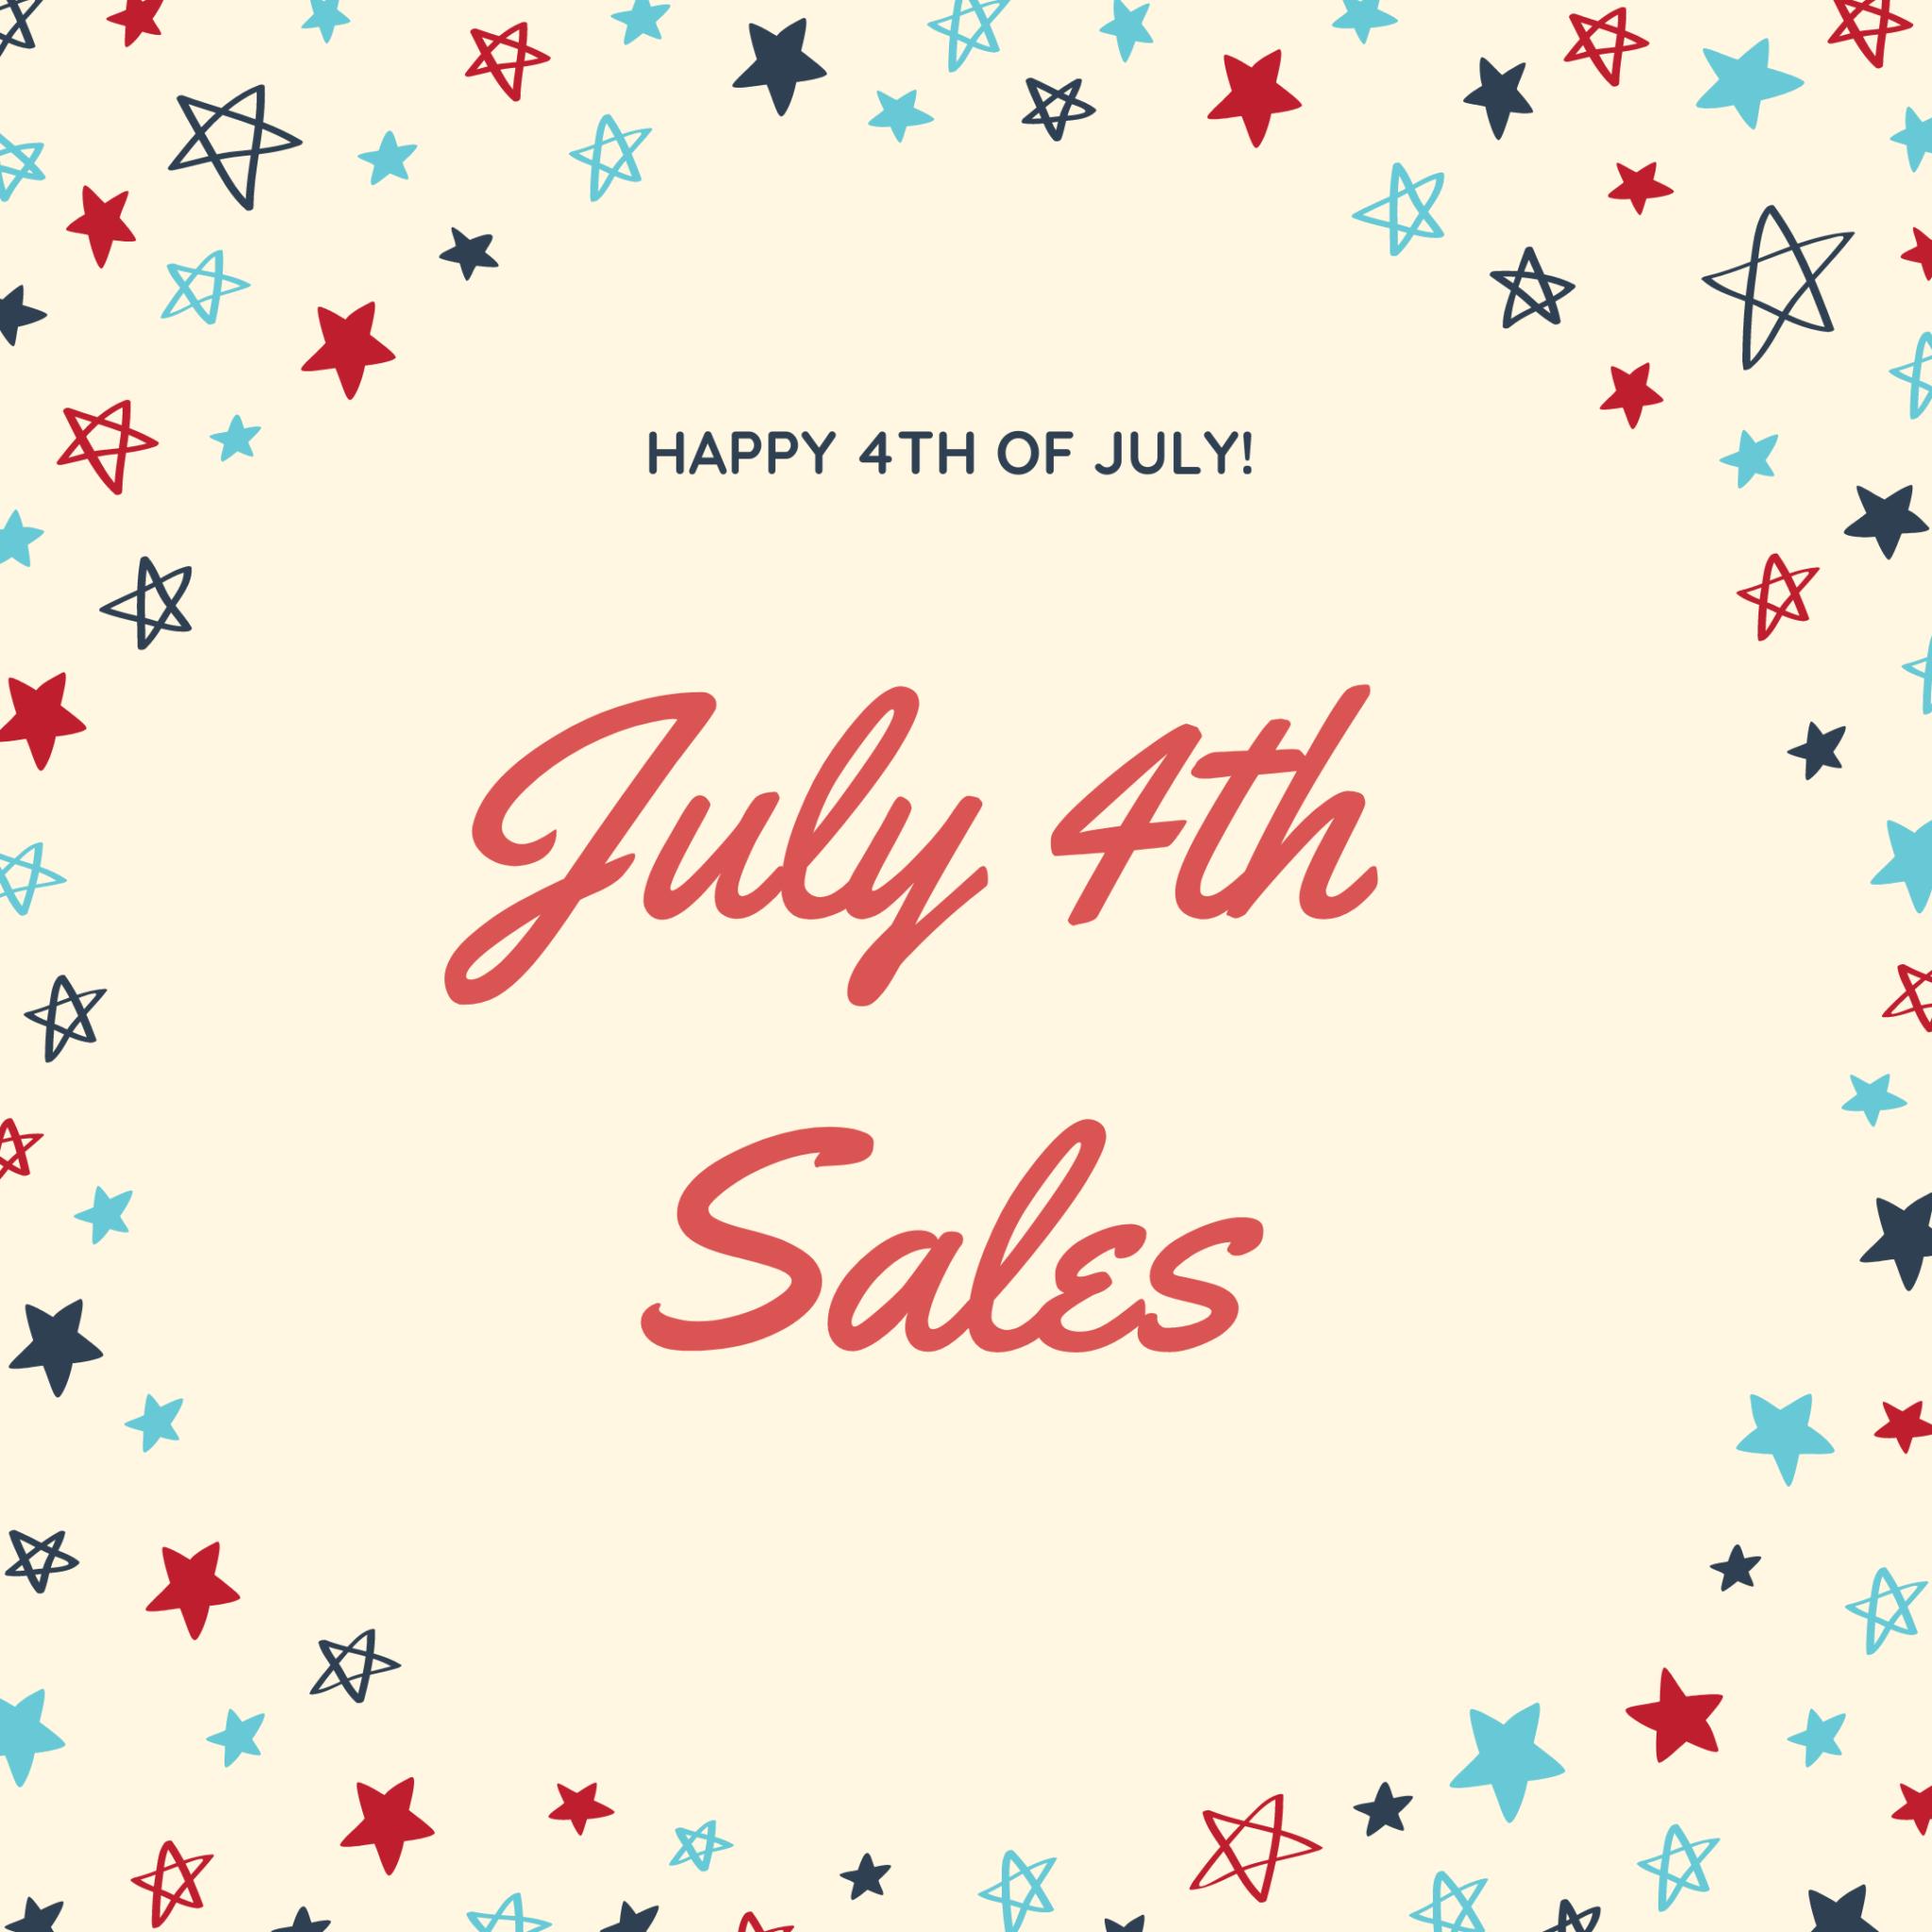 July 4th Weekend Sales